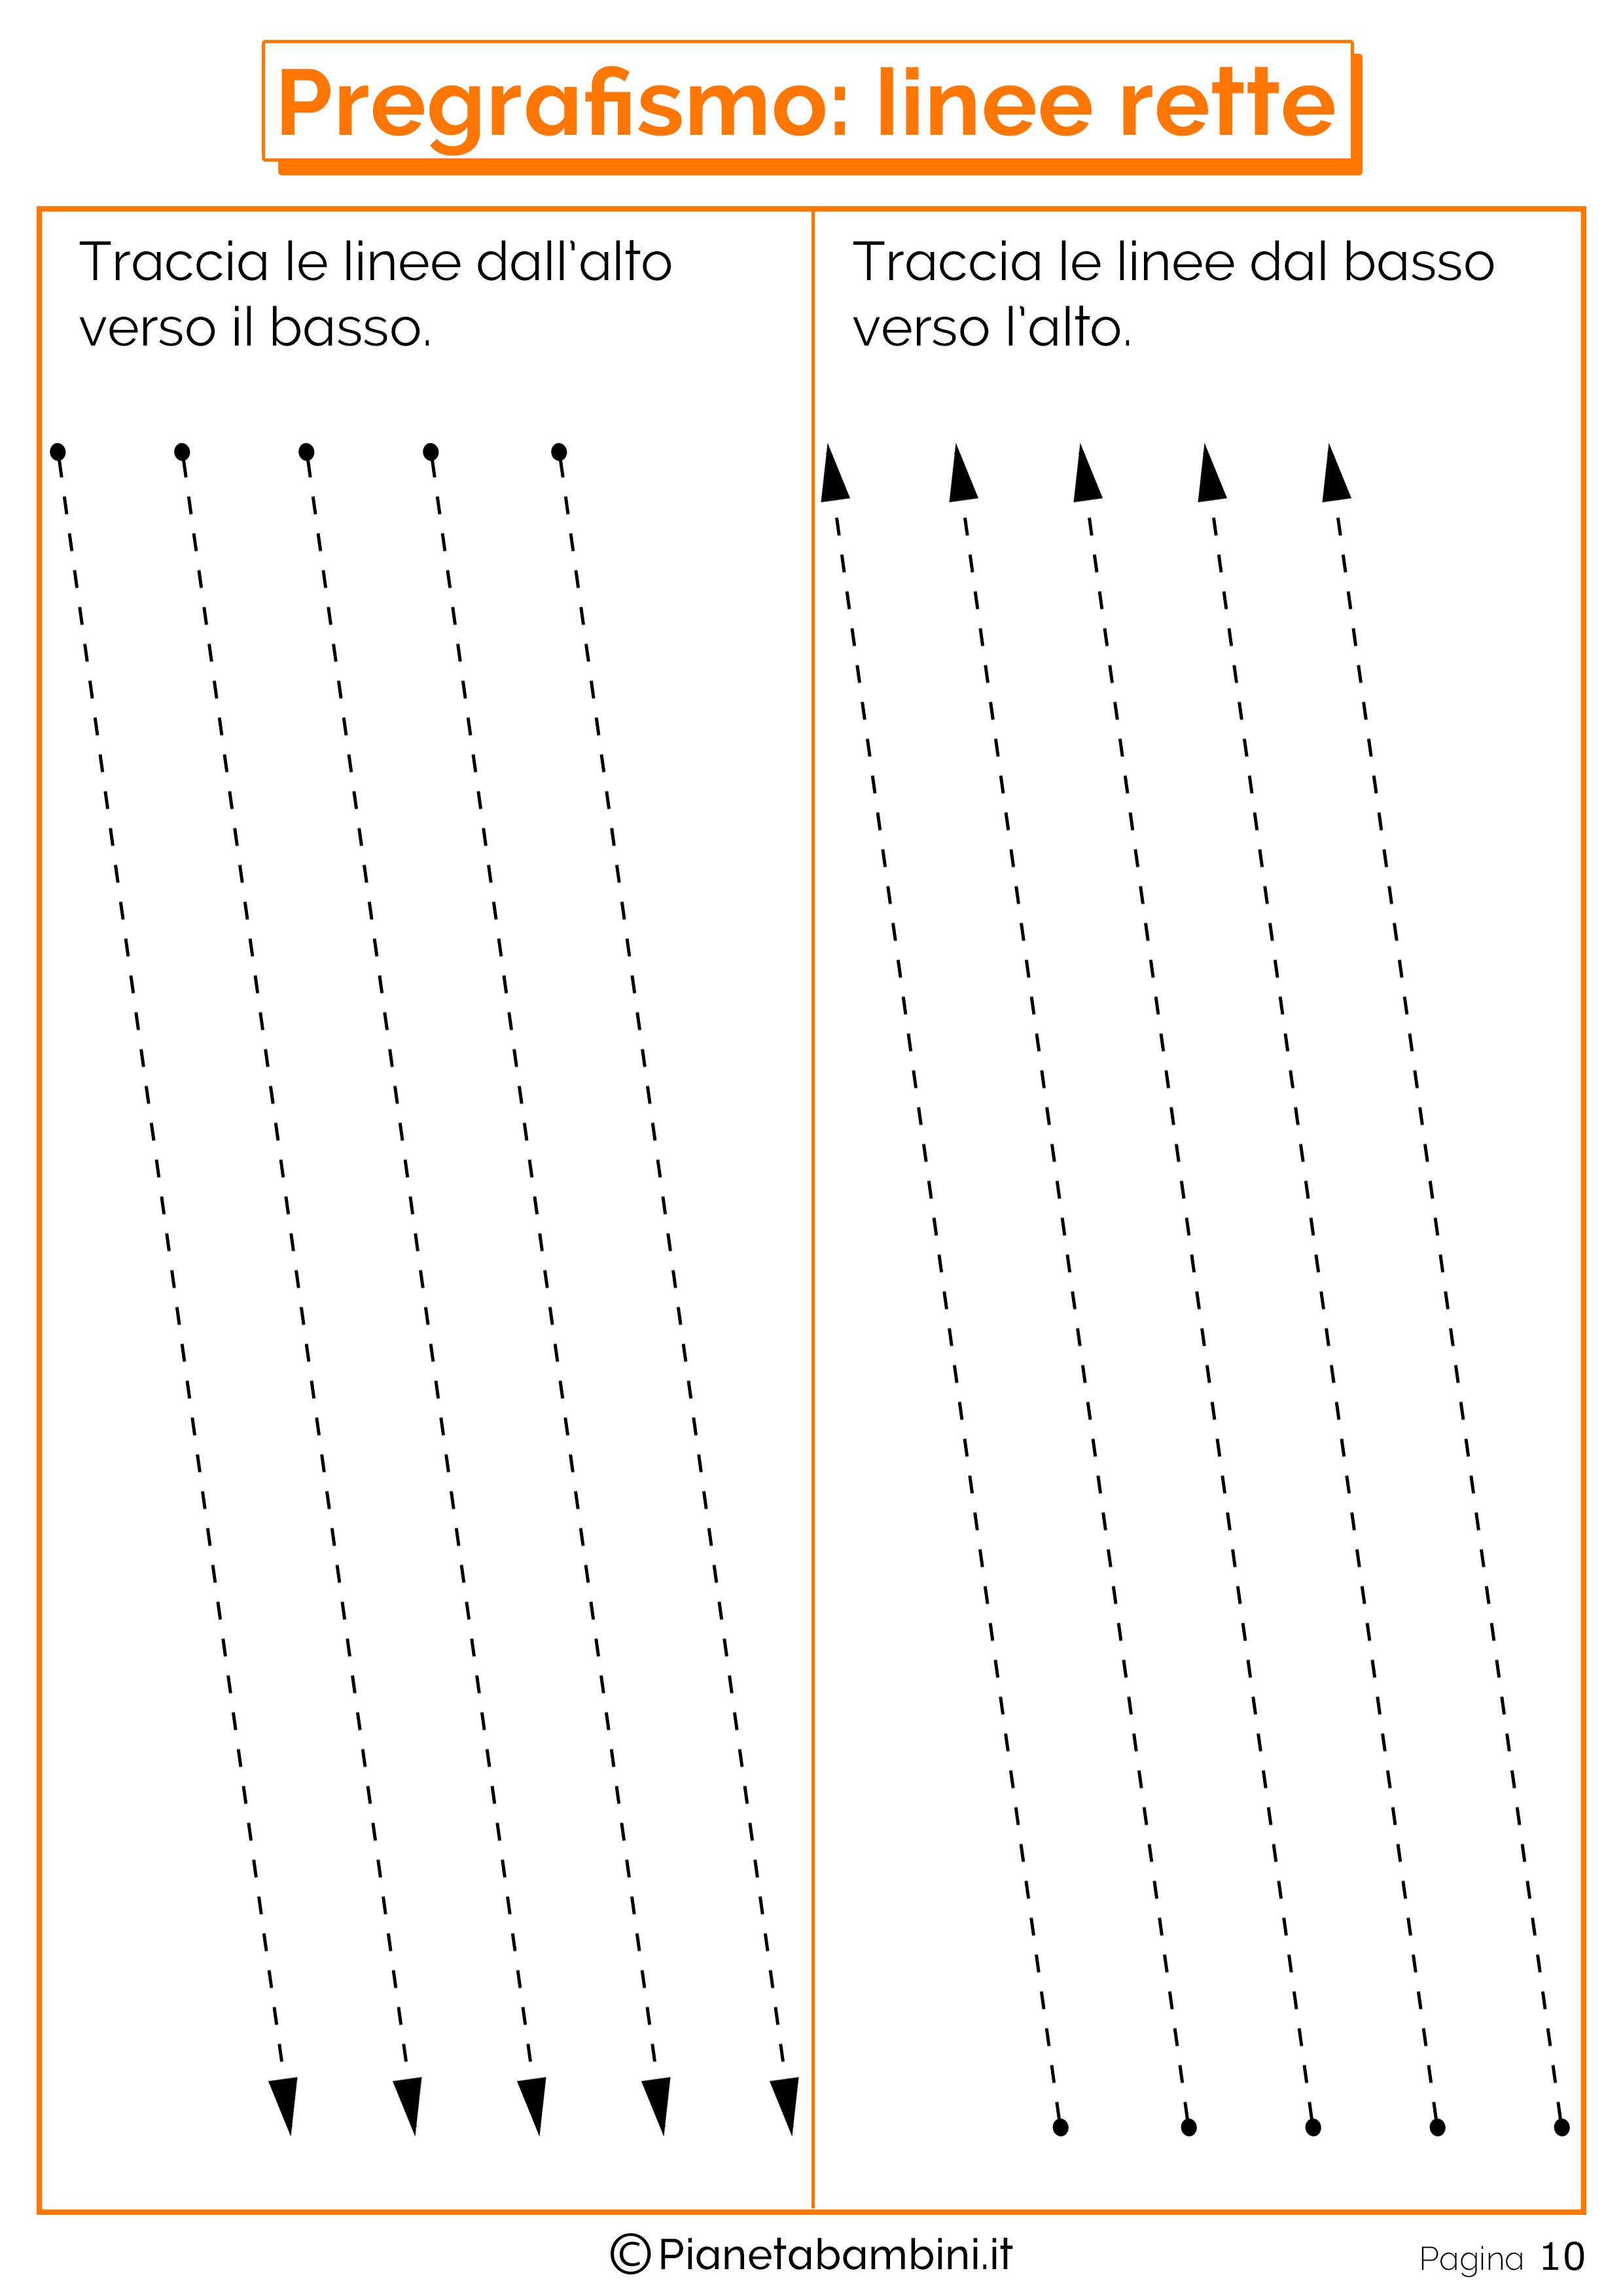 Pregrafismo-Linee-Rette_10